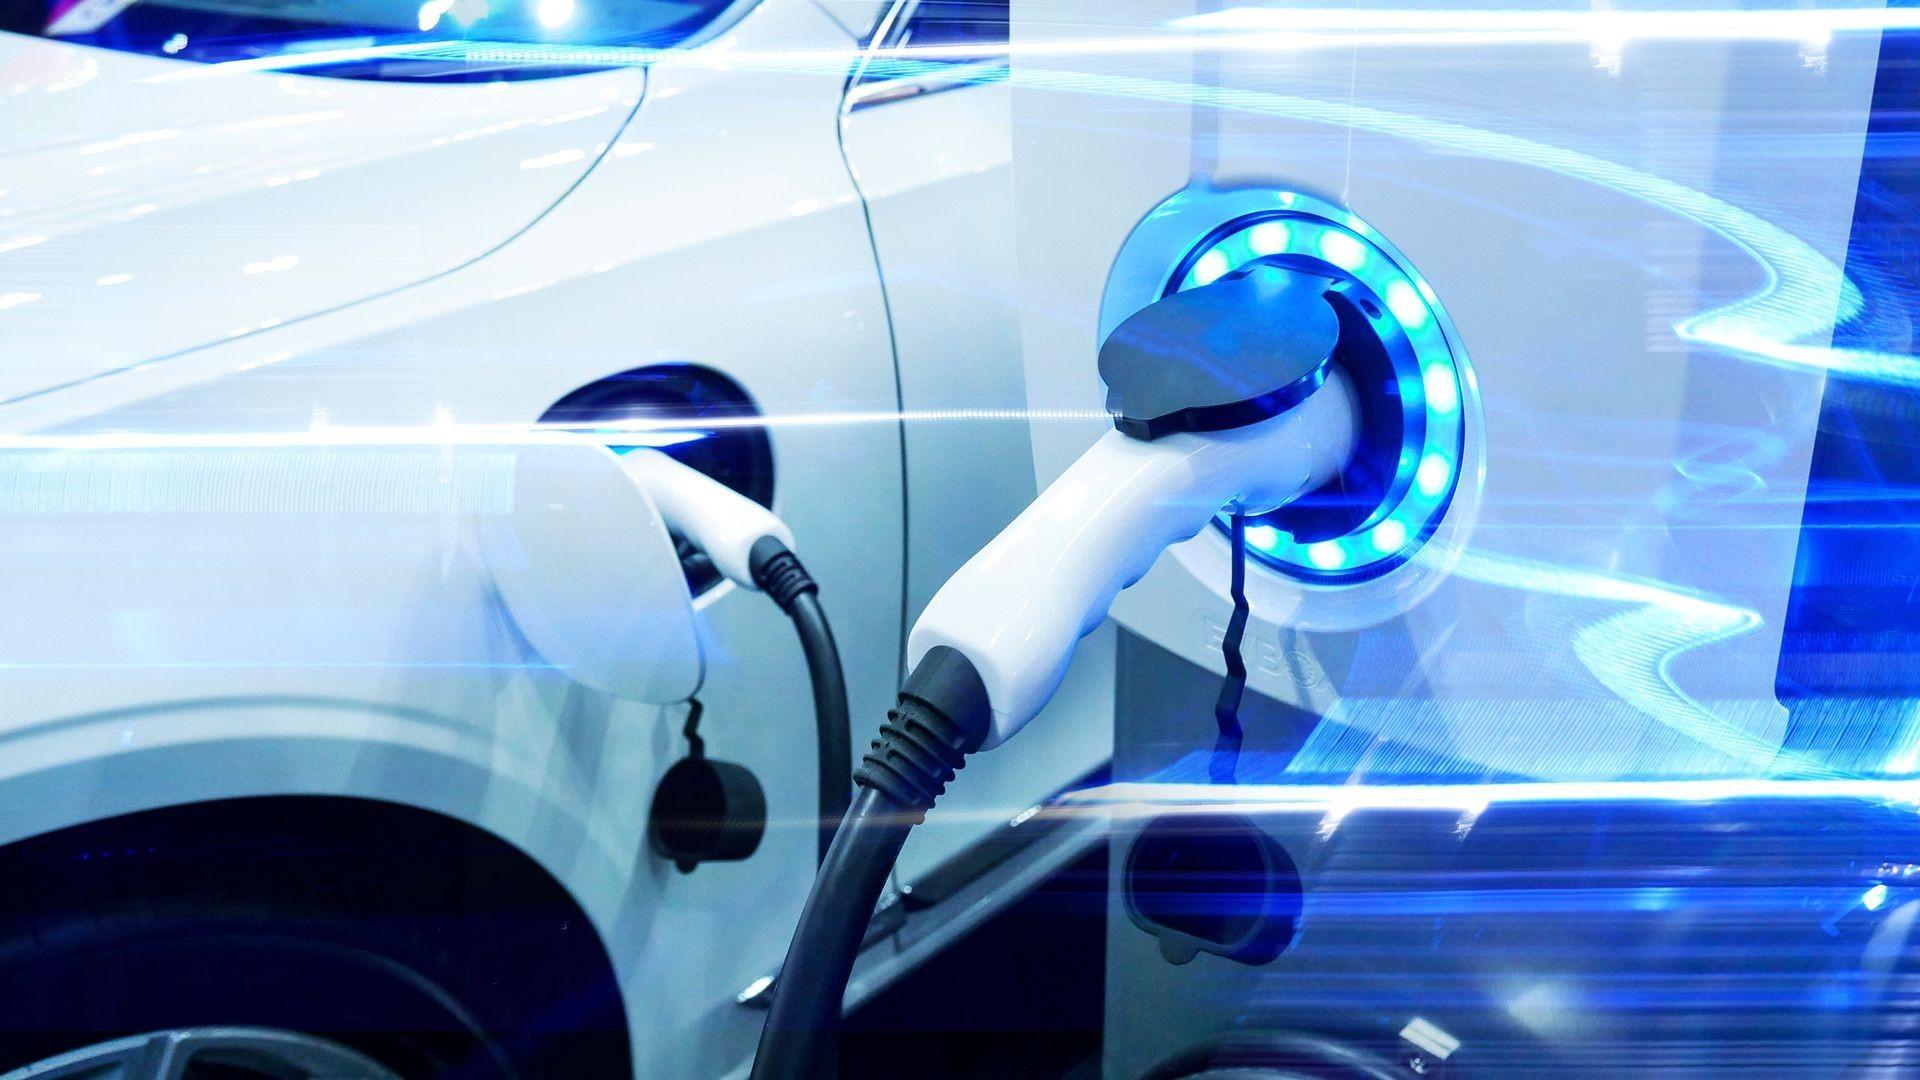 Instalación de puntos de recarga para vehículos eléctricos en Sevilla